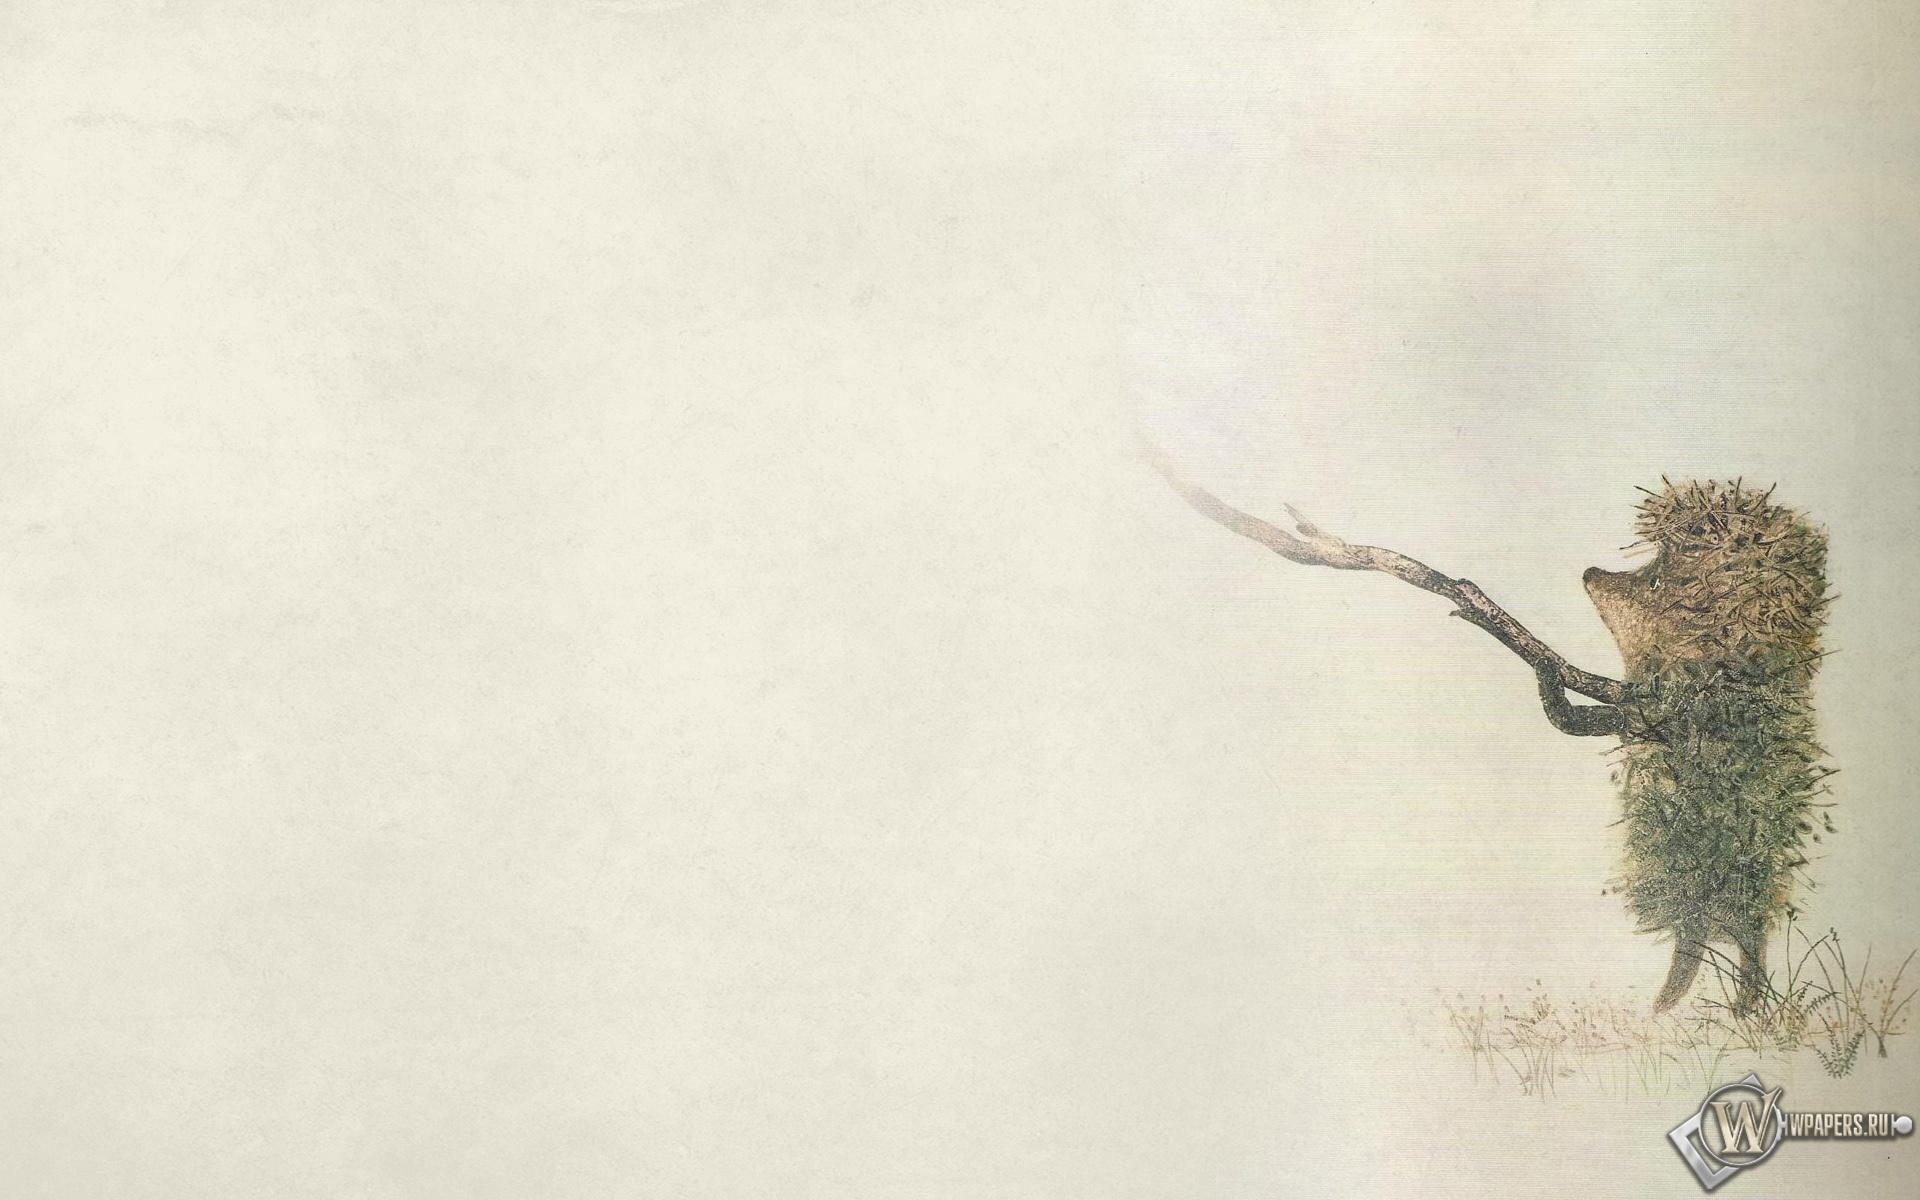 Ежик в тумане 1920x1200